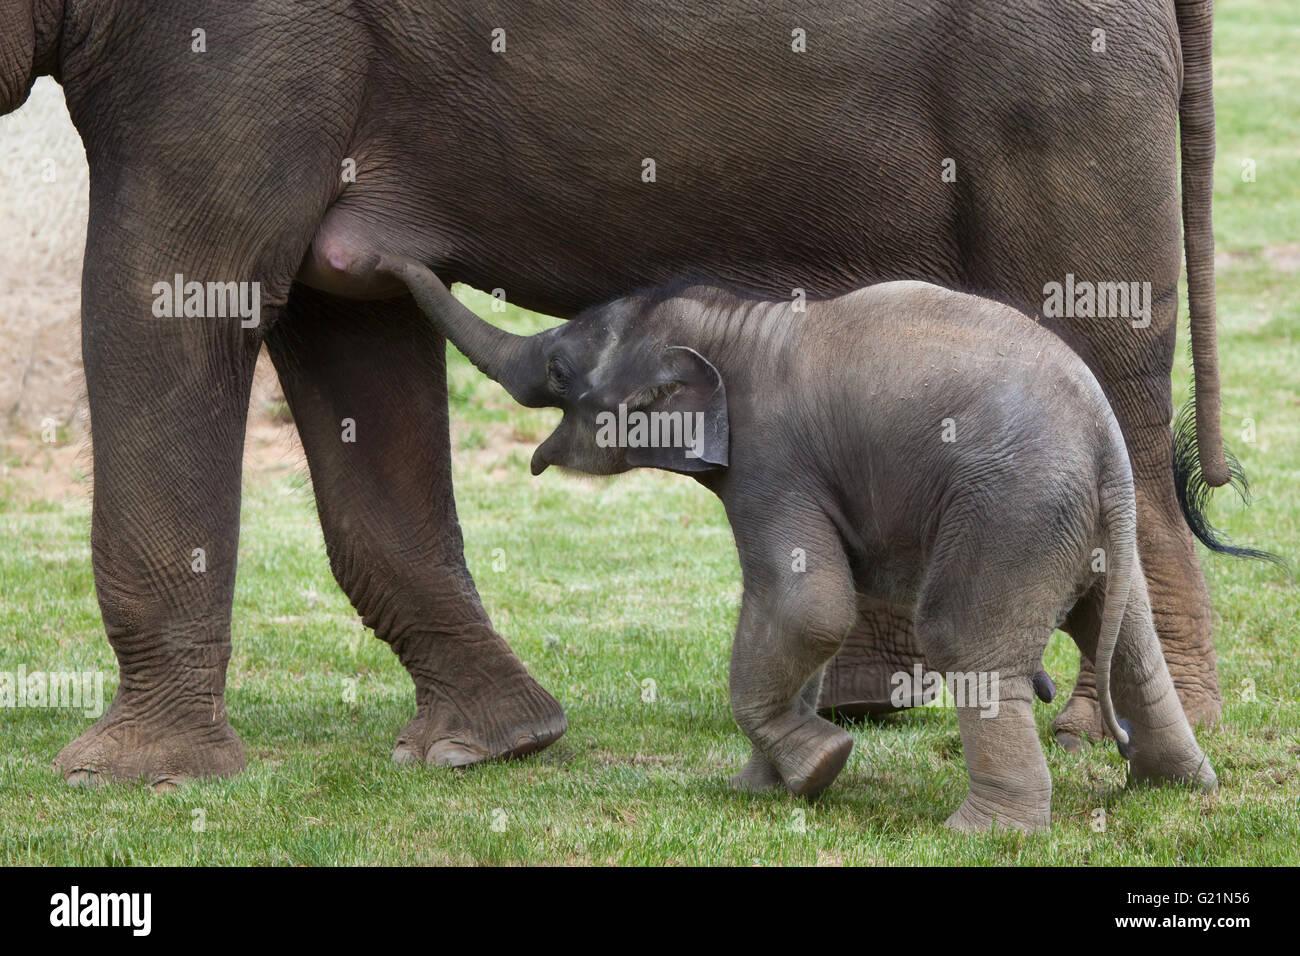 Un mois de l'éléphant indien (Elephas maximus indicus) nommé Maxmilian avec sa mère Janita Photo Stock